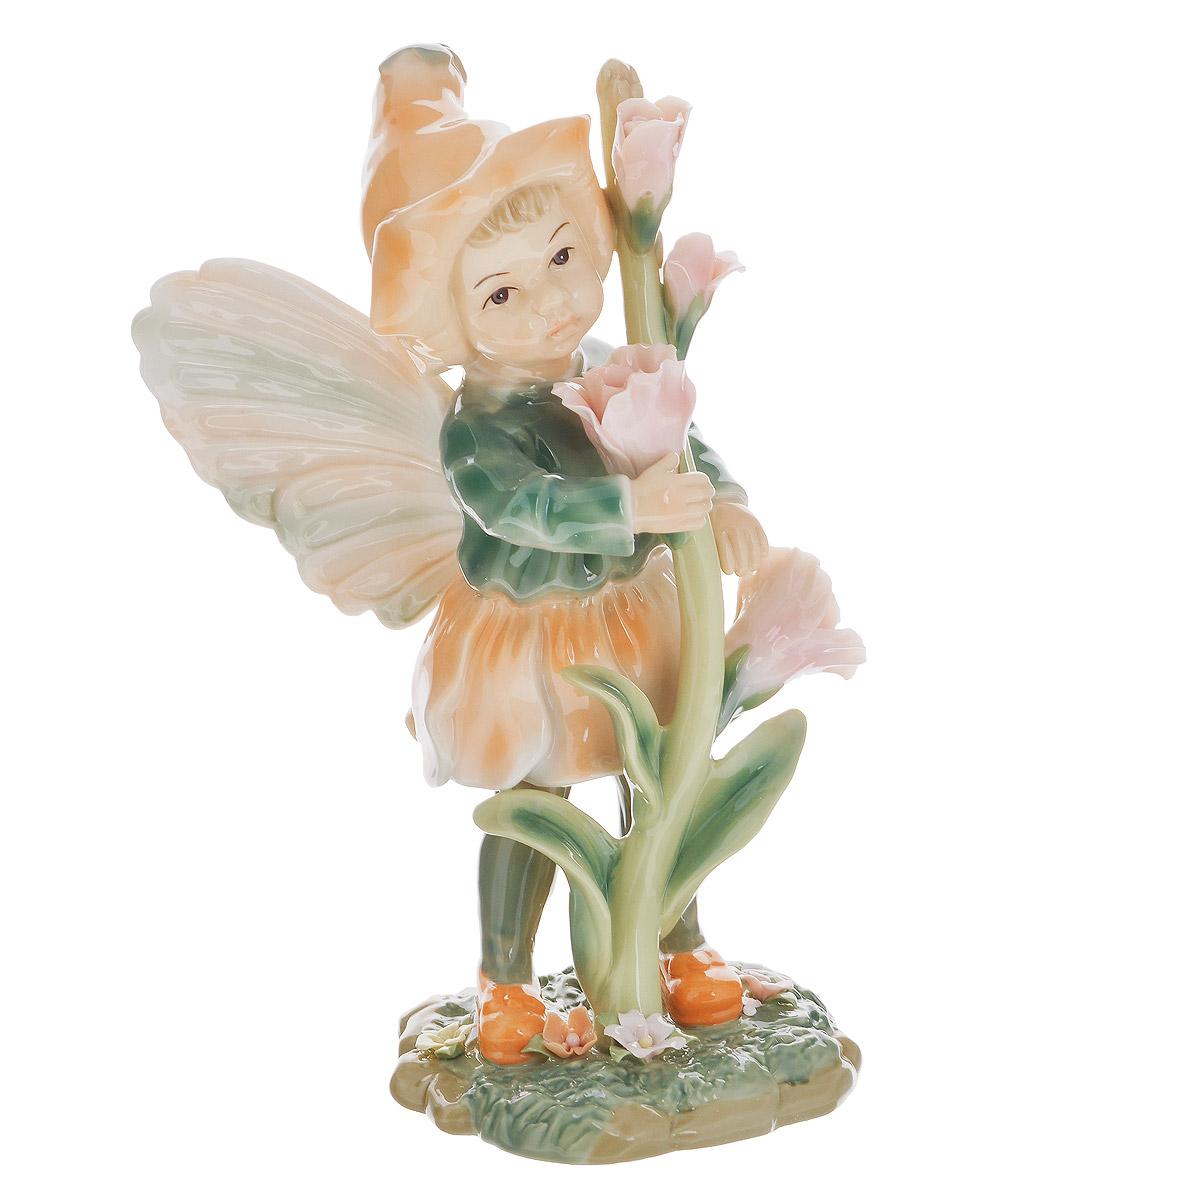 Статуэтка Navel Девочка-фея в оранжевом, высота 20,5 смN-PB0177/A-ALОчаровательная статуэтка Девочка-фея в оранжевом станет оригинальным подарком для всех любителей стильных вещей. Она выполнена из фарфора, покрытого глазурью в нежных зеленых и оранжевых тонах, в виде девочки-феи с цветами. Изысканный сувенир станет прекрасным дополнением к интерьеру. Вы можете поставить статуэтку в любом месте, где она будет удачно смотреться, и радовать глаз.